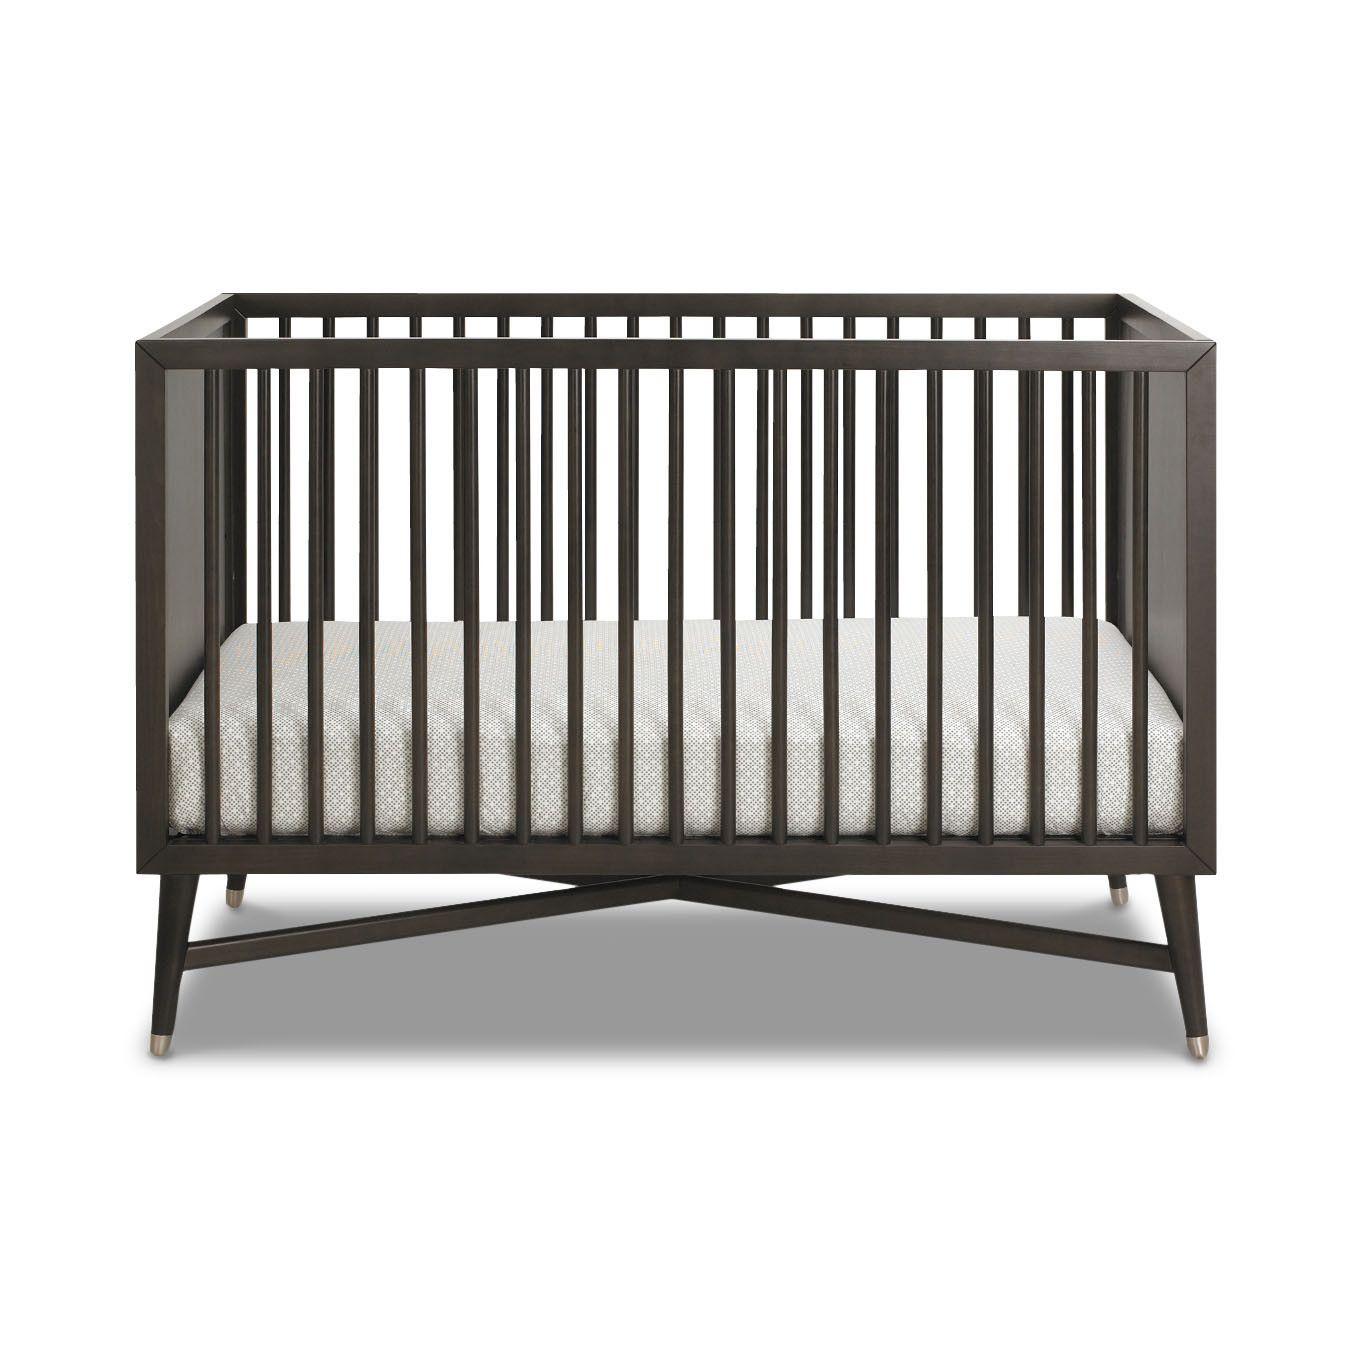 My Dream Crib Dwellstudio Mid Century Espresso Crib Dwellstudio Mid Century Modern Nursery Cribs Dwell Studio